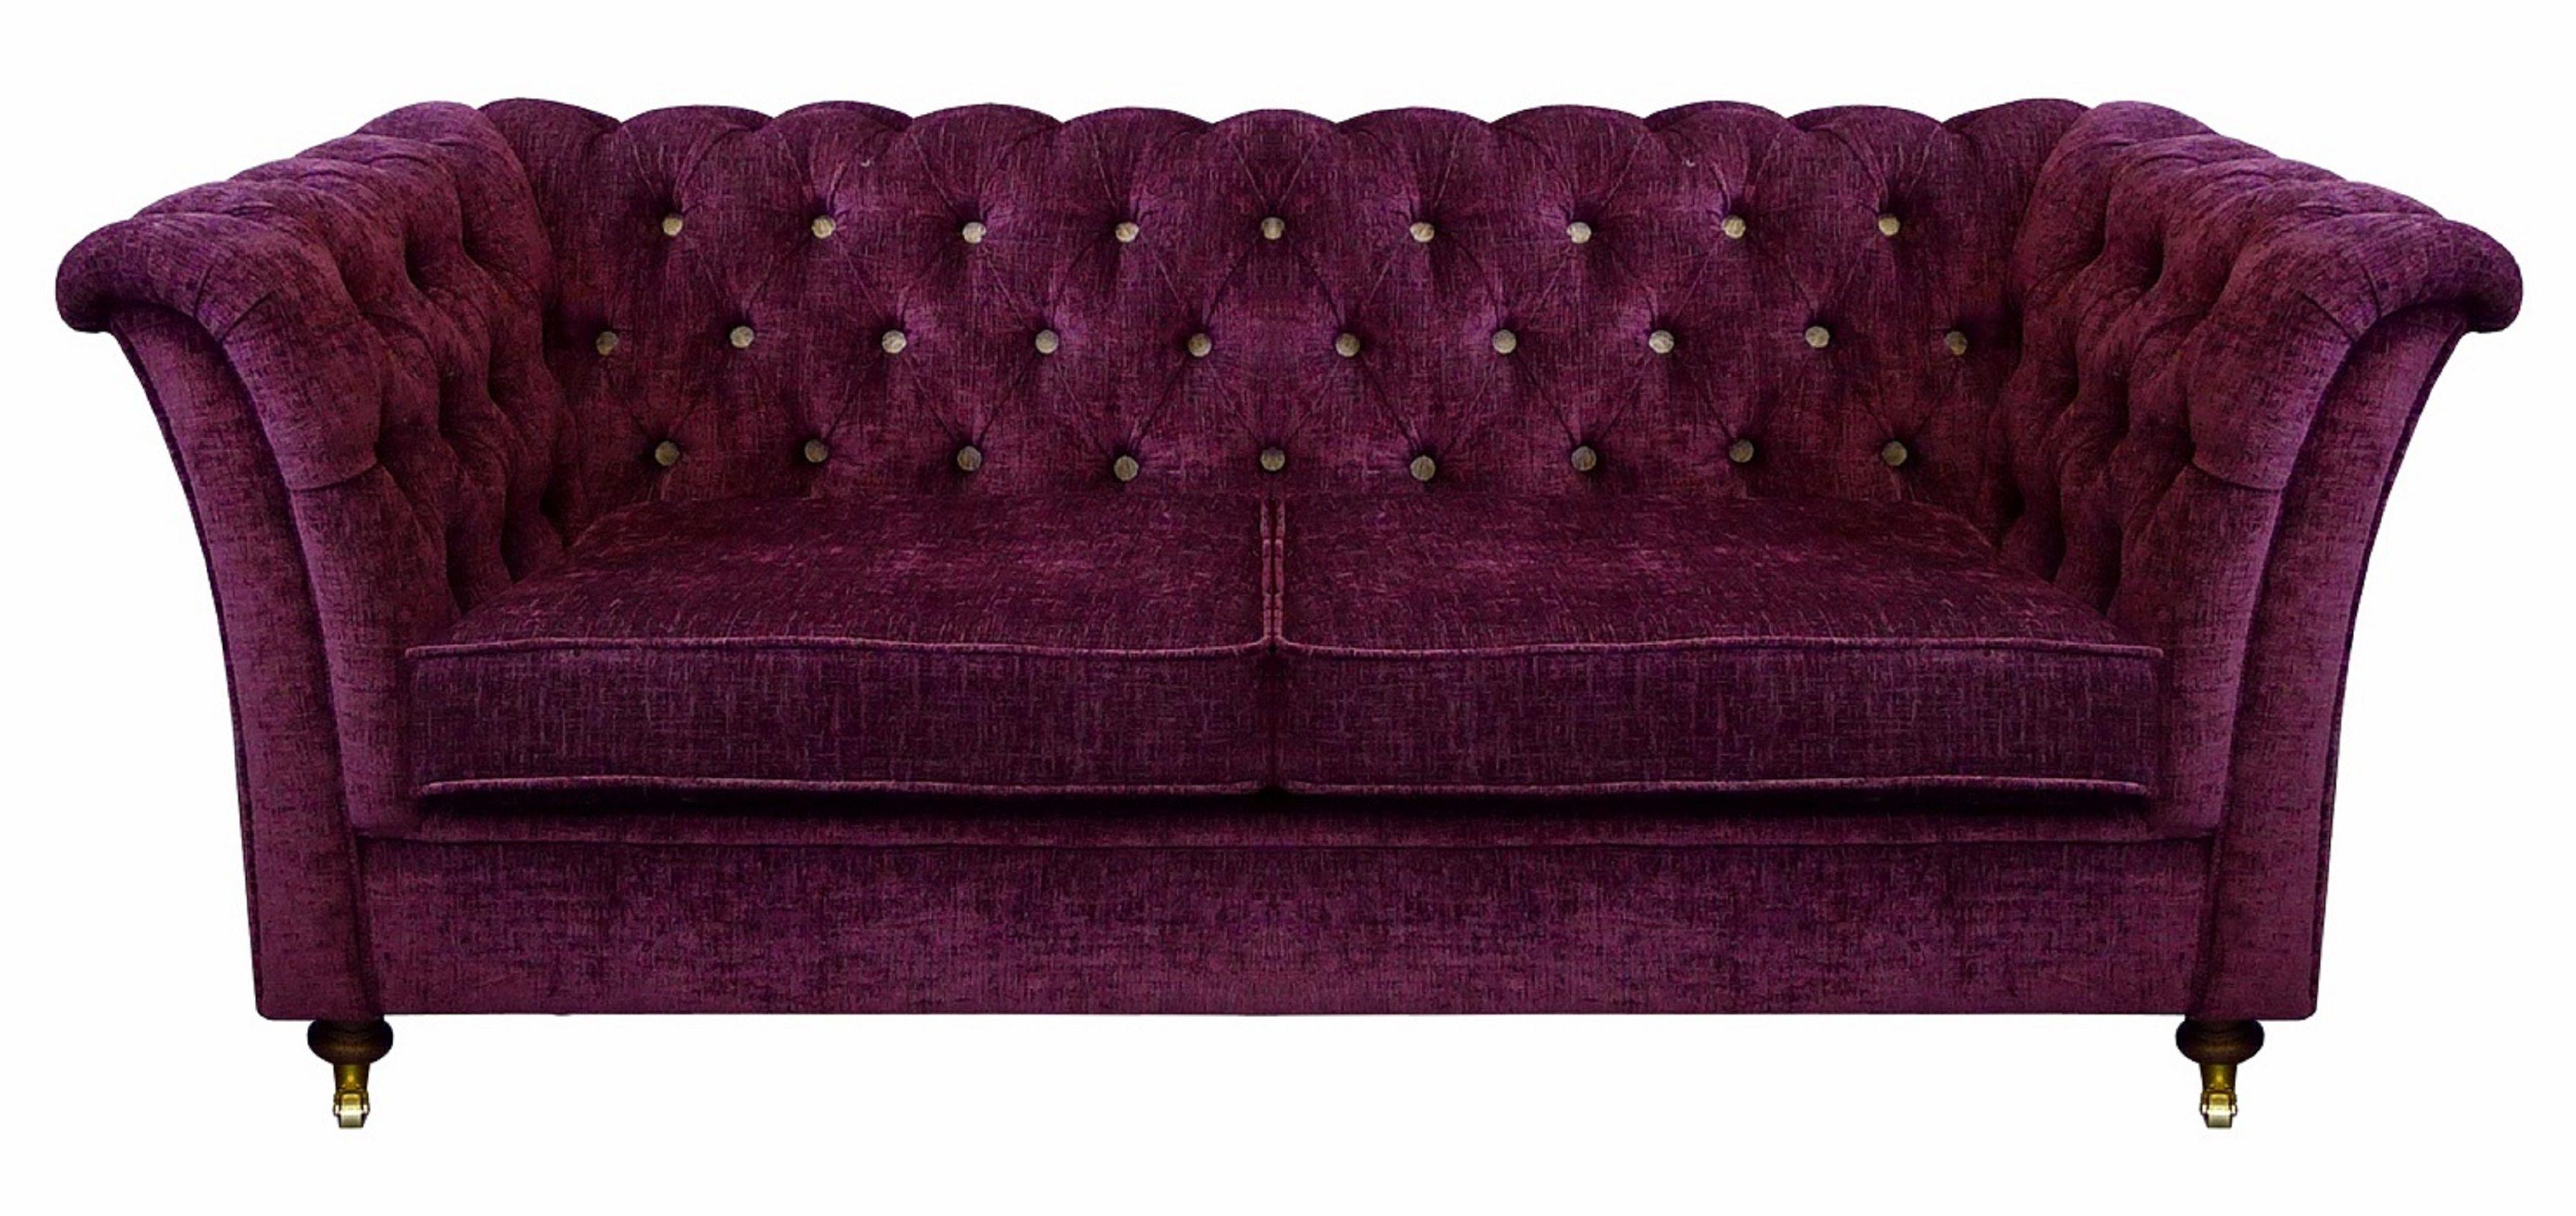 Top Ergebnis 50 Frisch Chesterfield sofa Uk Bilder 2017 Hdj5 2017